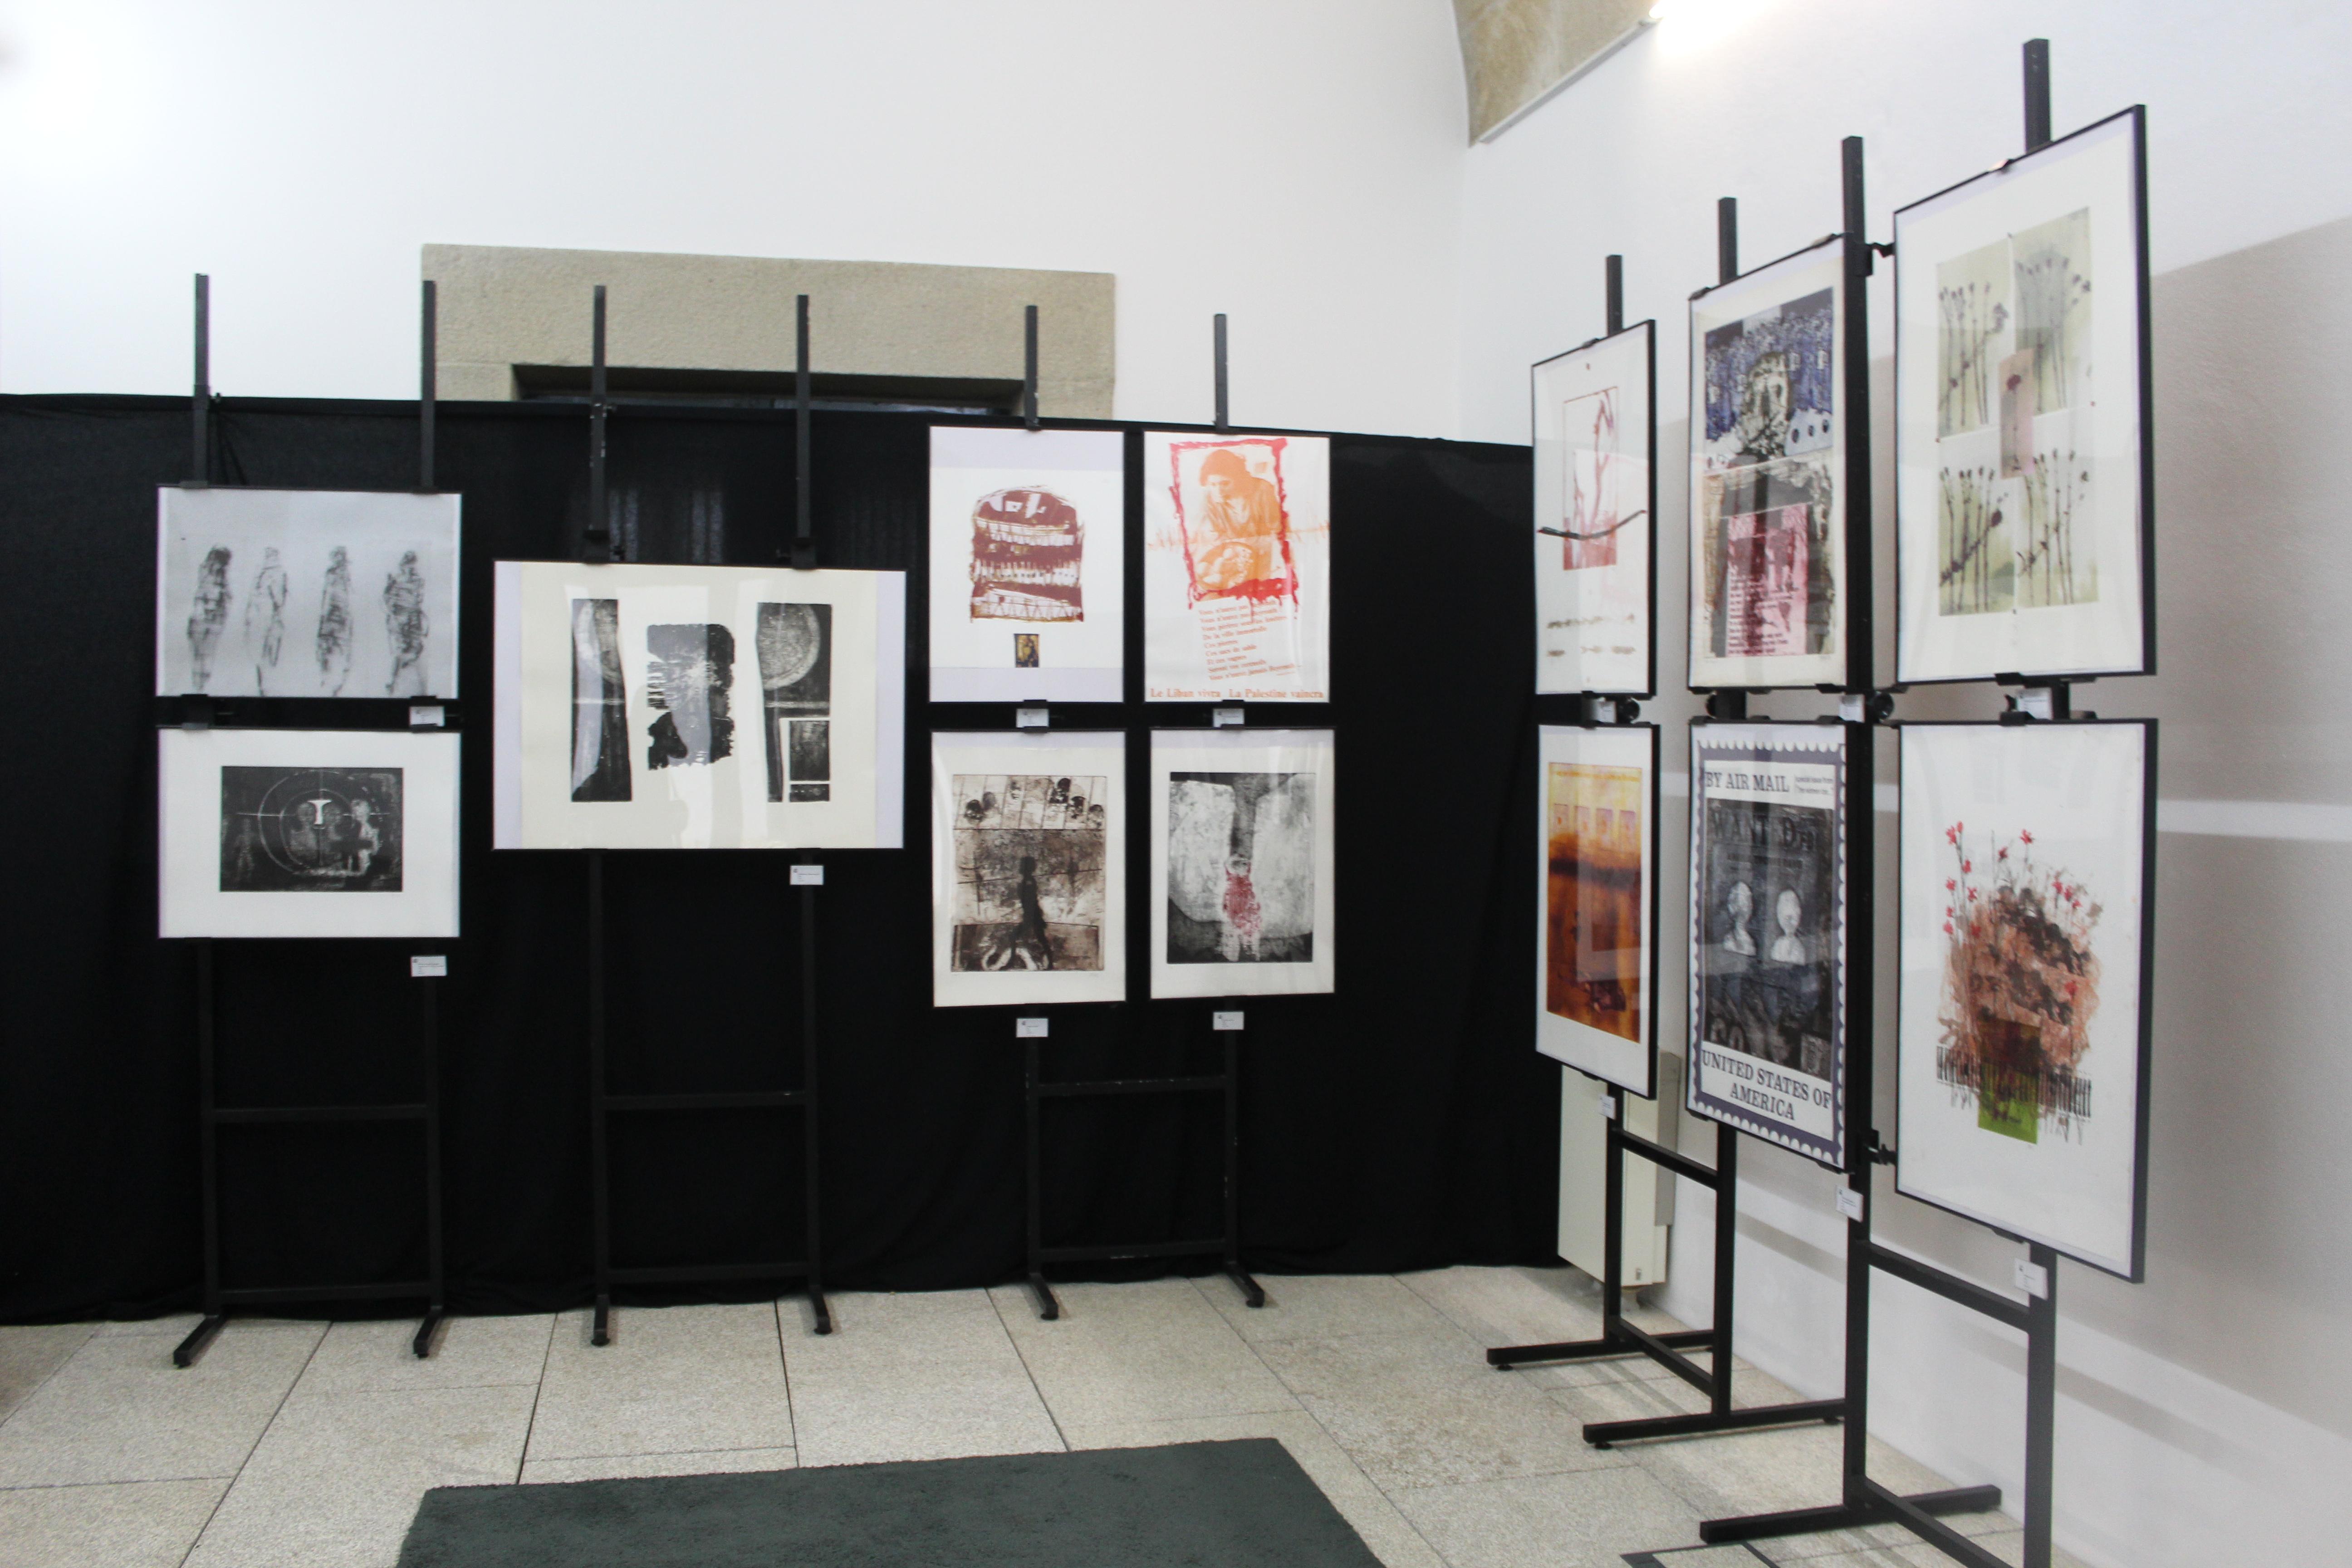 Inauguração Exposição Dacos Valença, 6 novembro